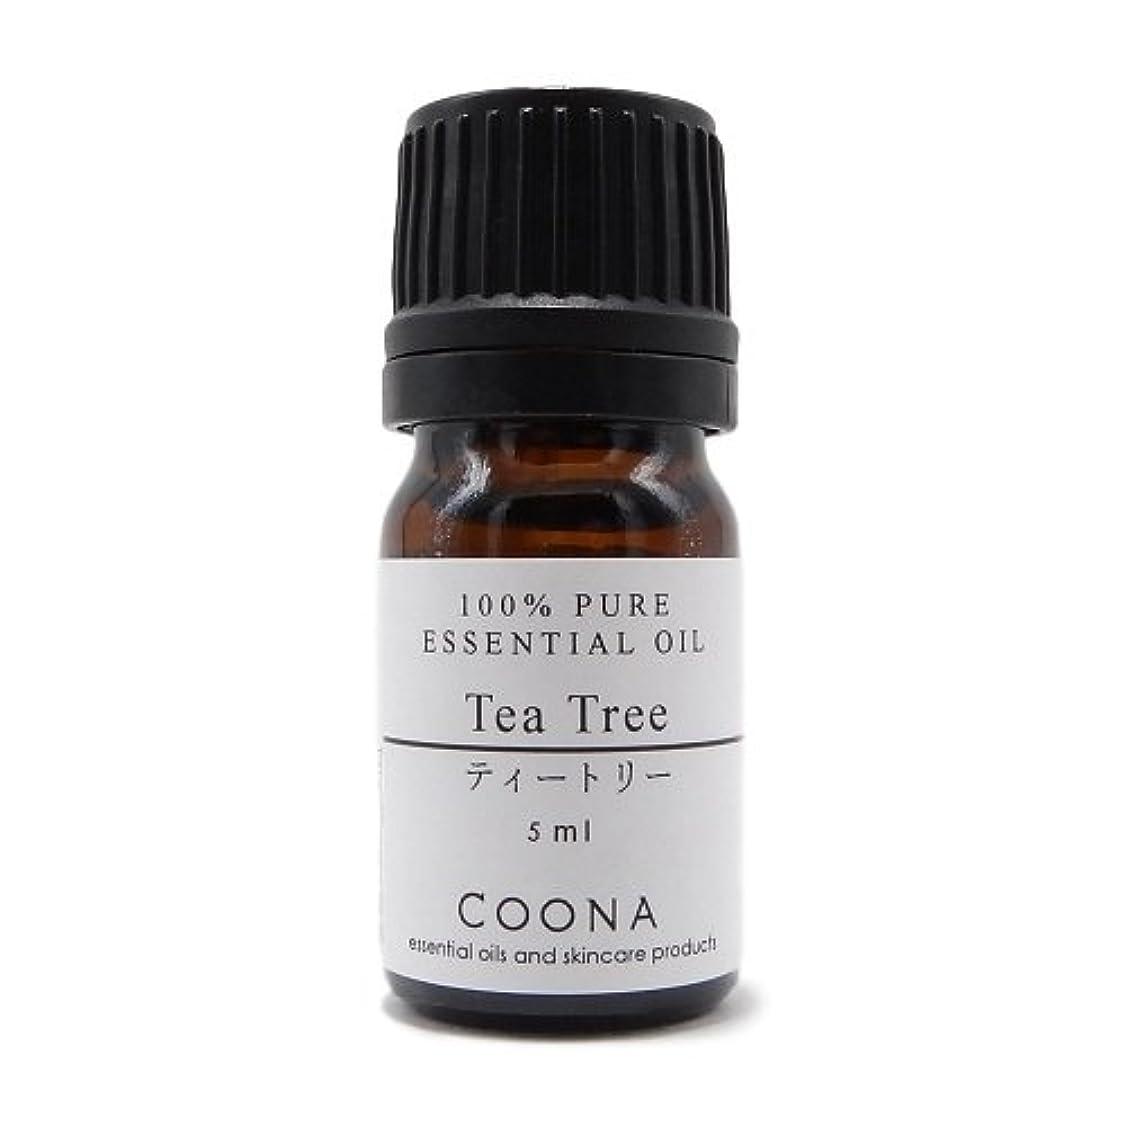 殺人瀬戸際ブリークティートリー 5 ml (COONA エッセンシャルオイル アロマオイル 100%天然植物精油)